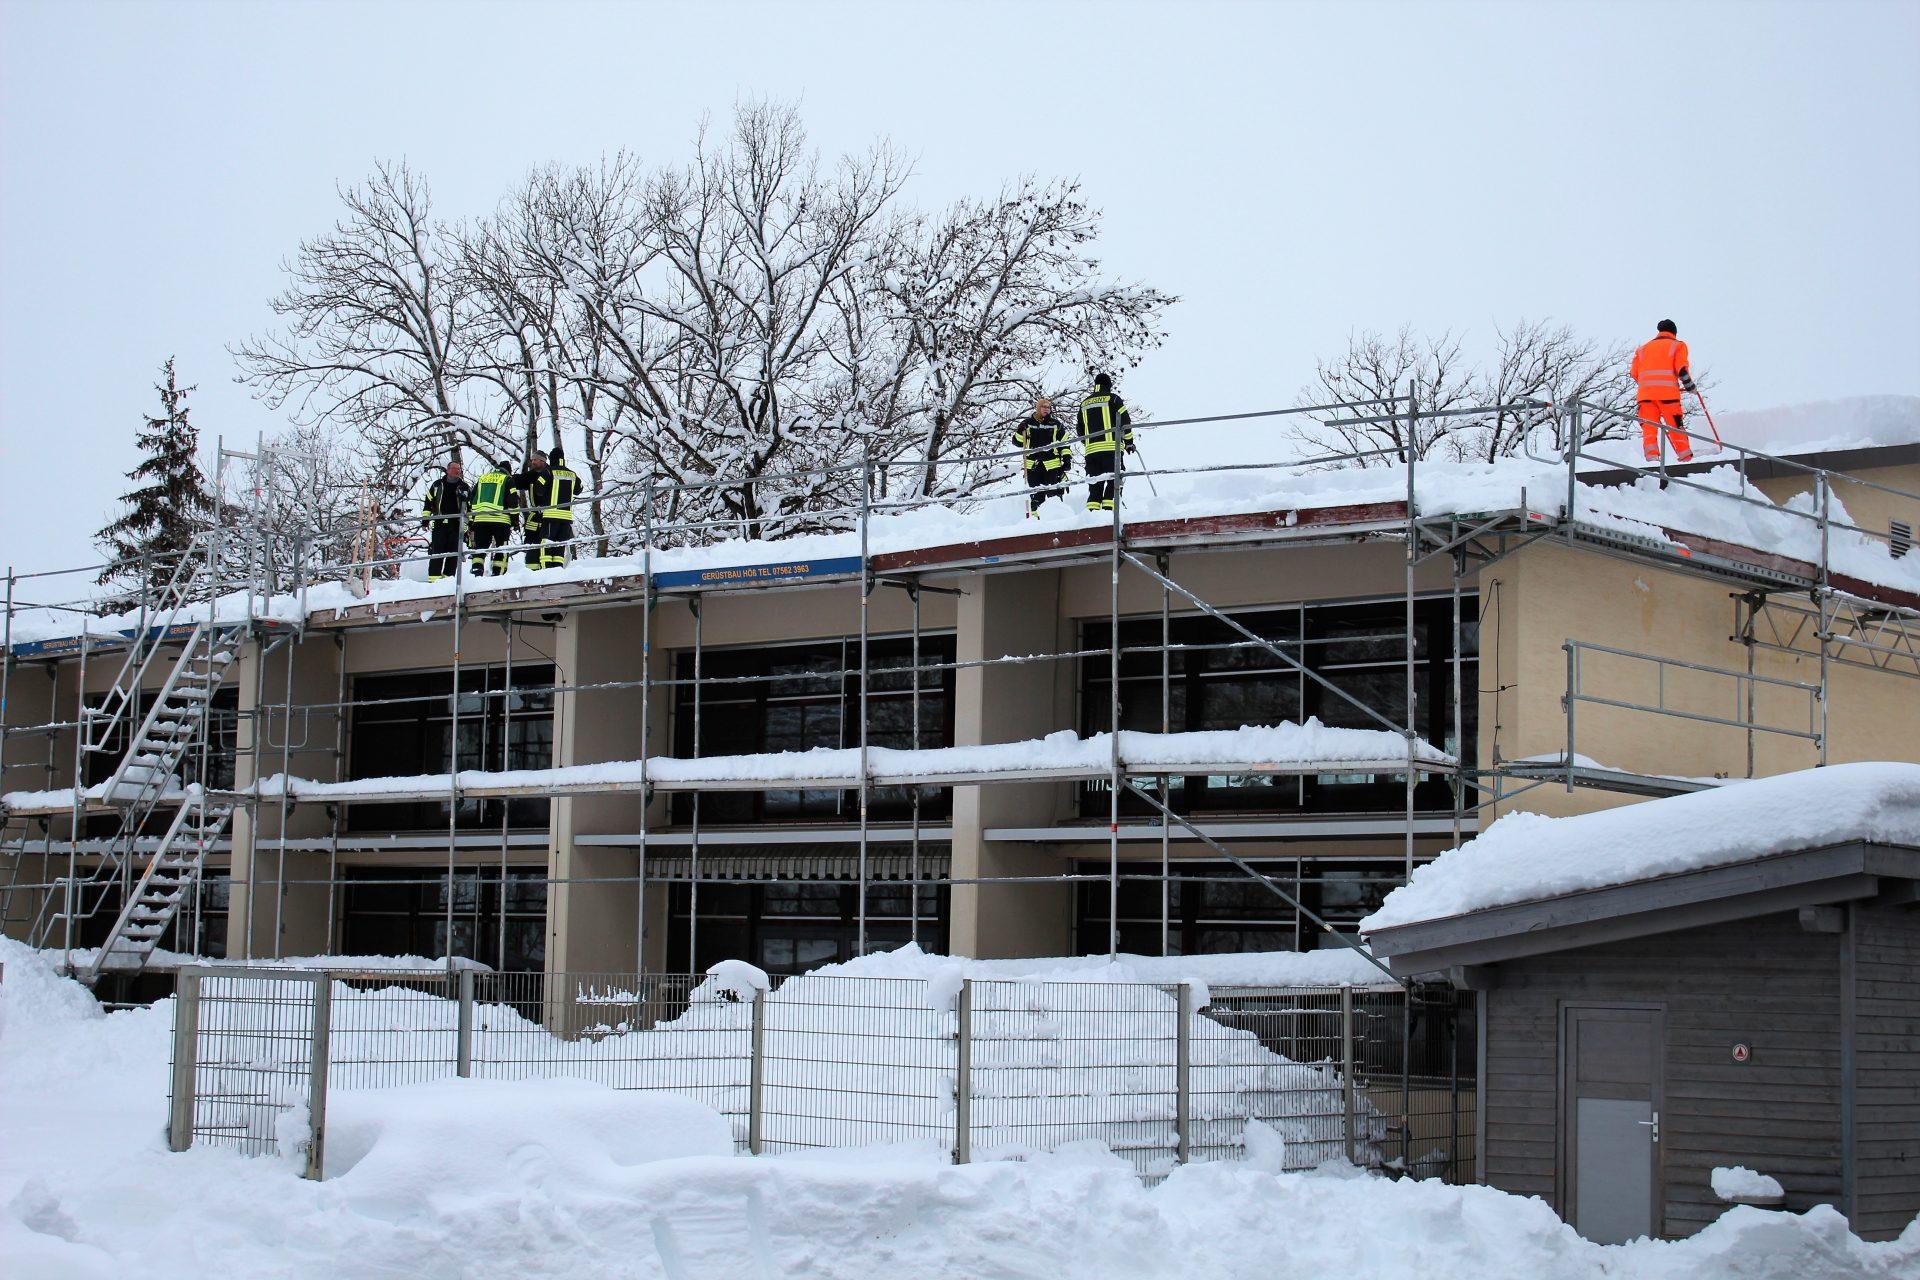 Dach der Grundschule wird von seiner Schneelast befreit